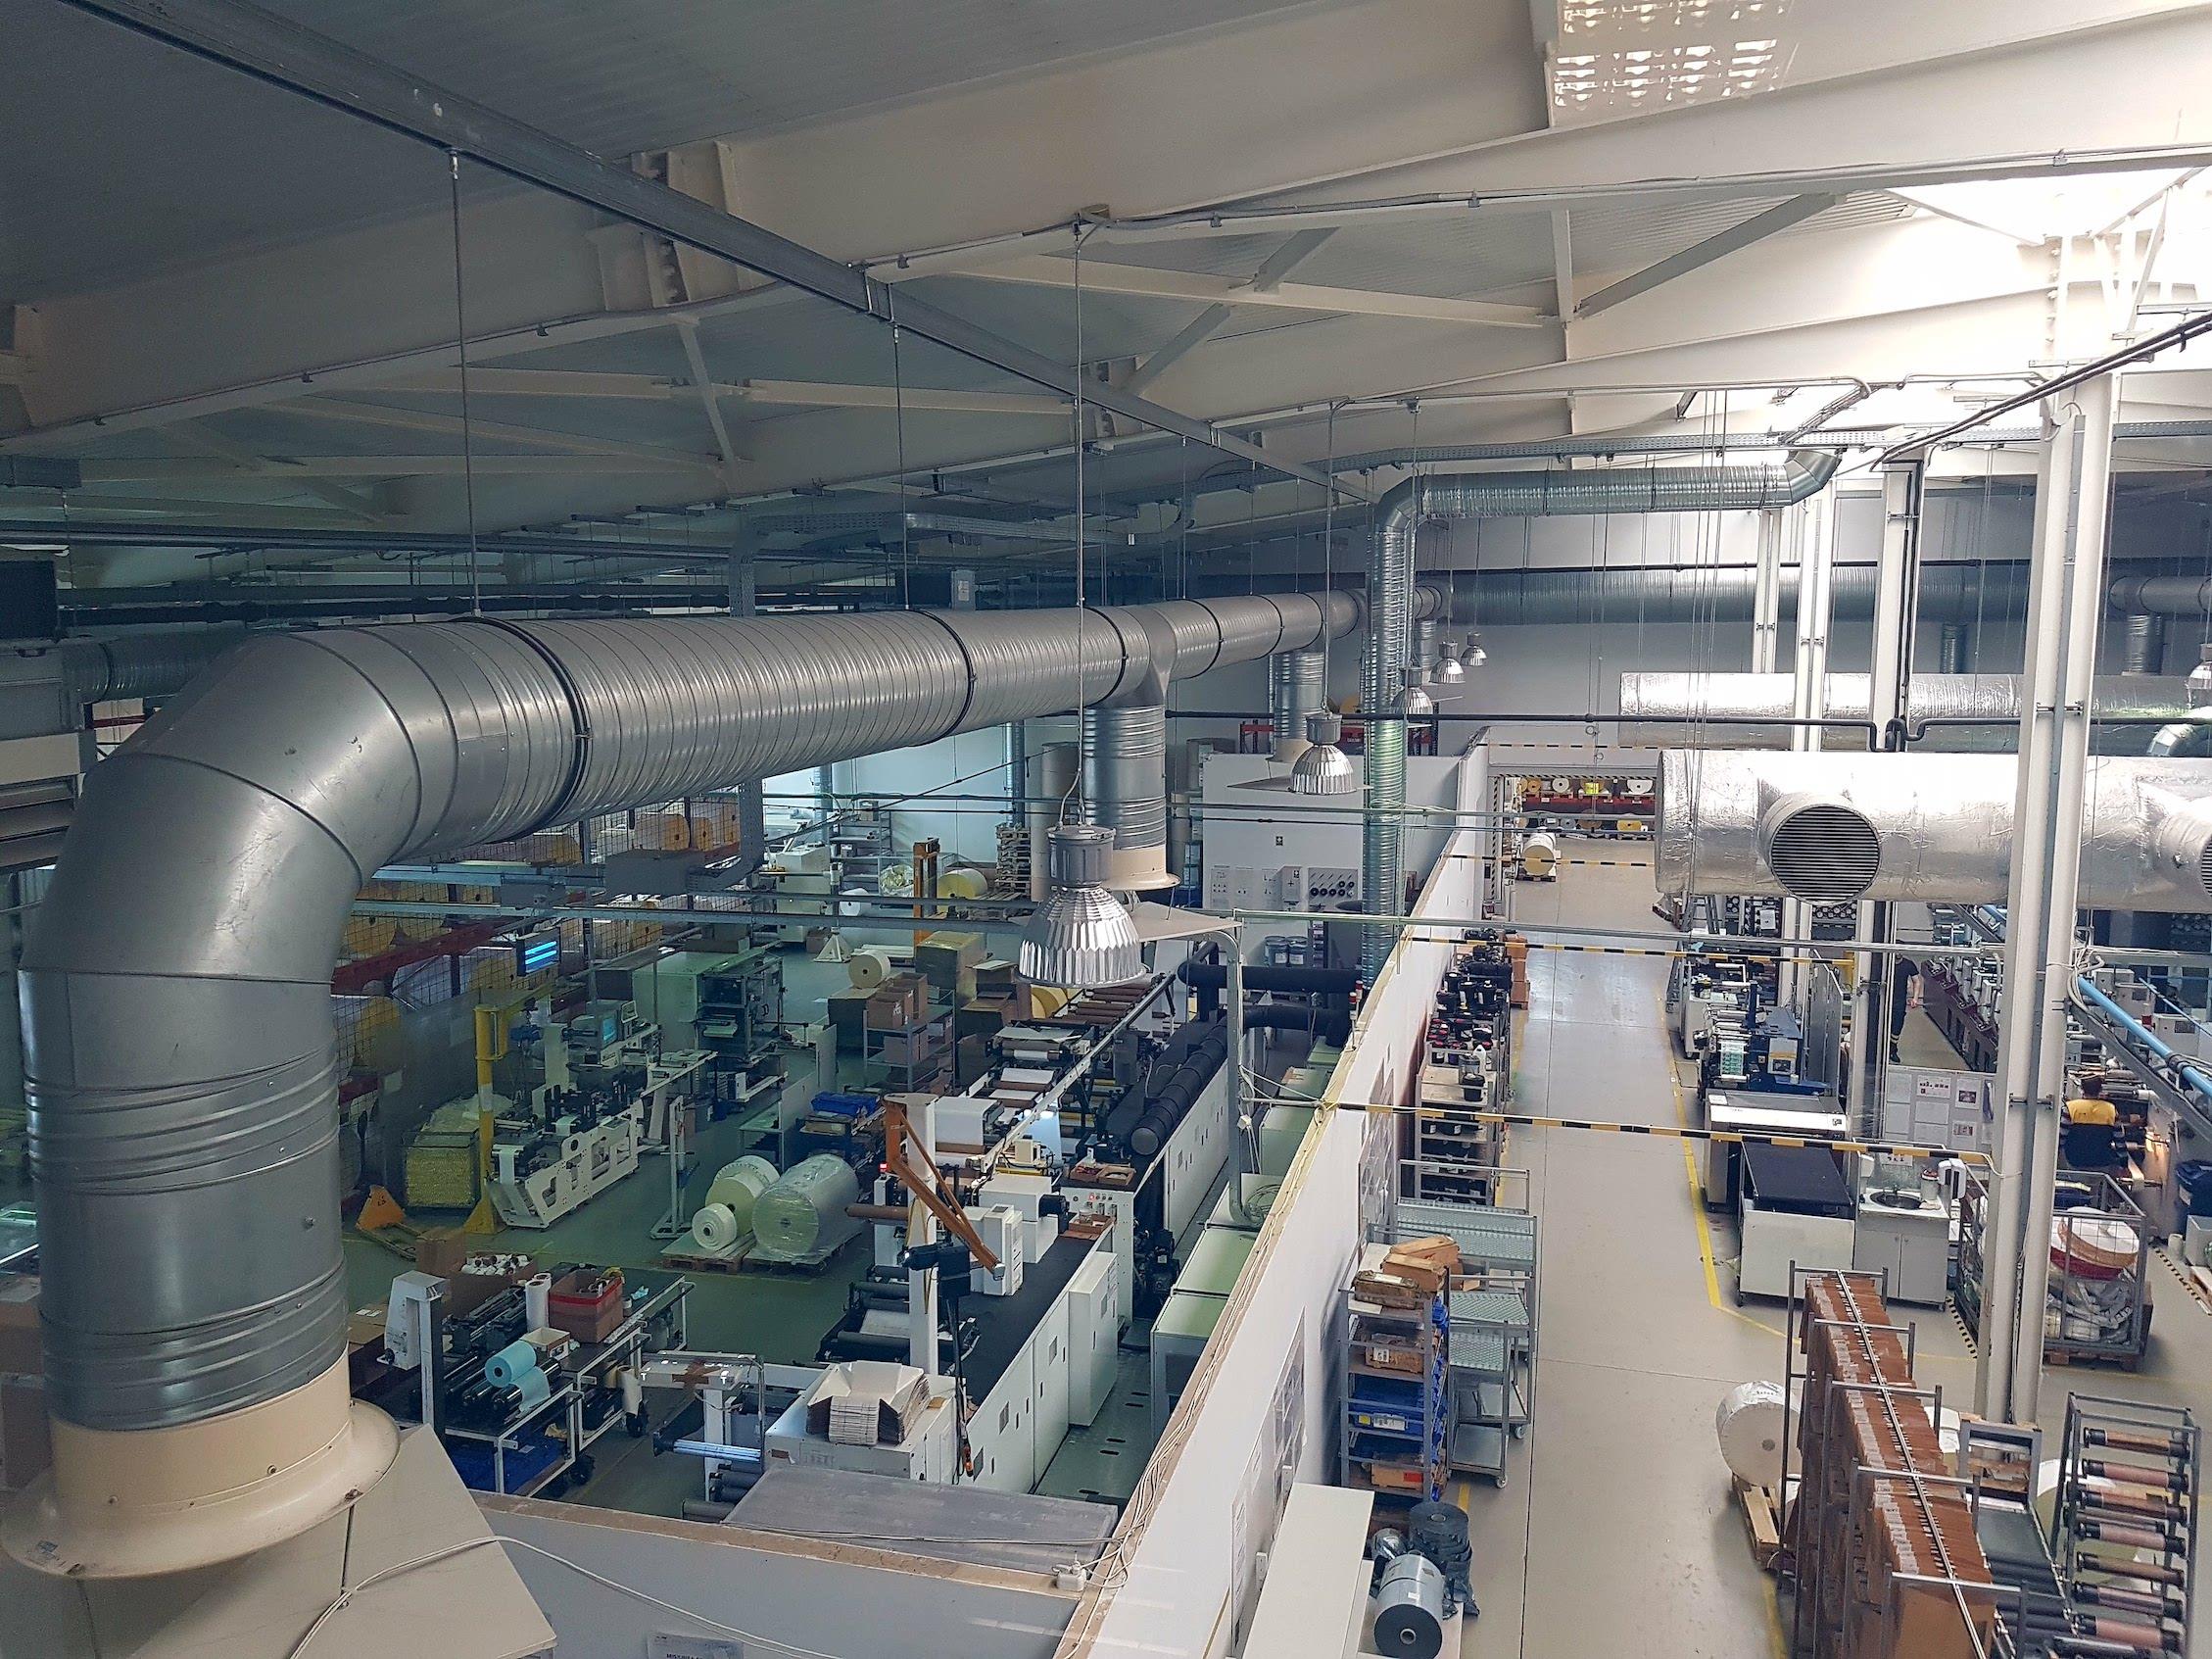 Productie mai sigura la Sunimprof Rottaprint din Cluj cu ajutorul camerelor Axis